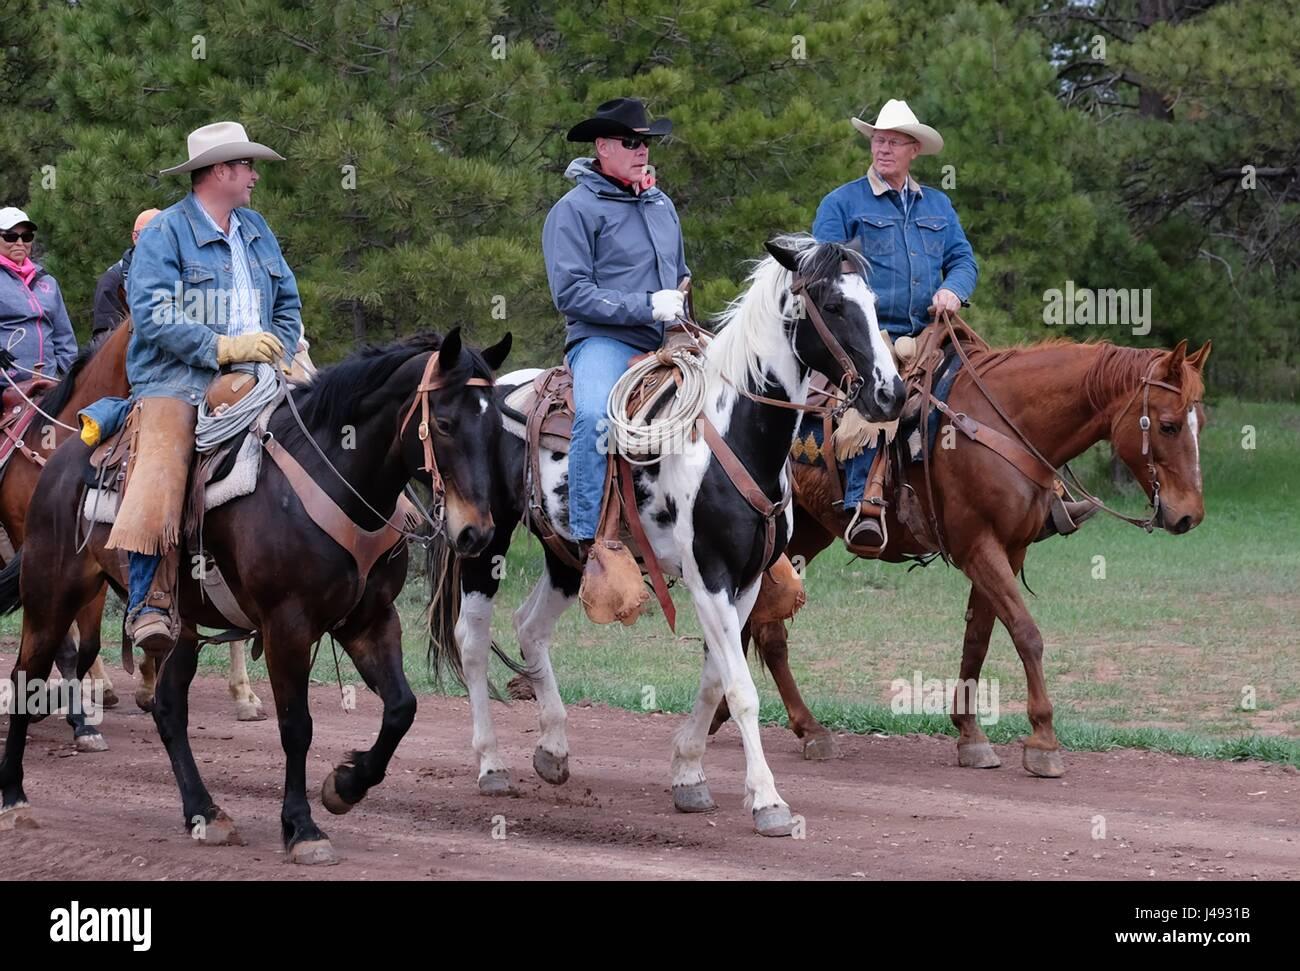 Stati Uniti Il Segretario degli Interni Ryan Zinke, centro, prende un cavallo con allevatori locali durante un tour Foto Stock